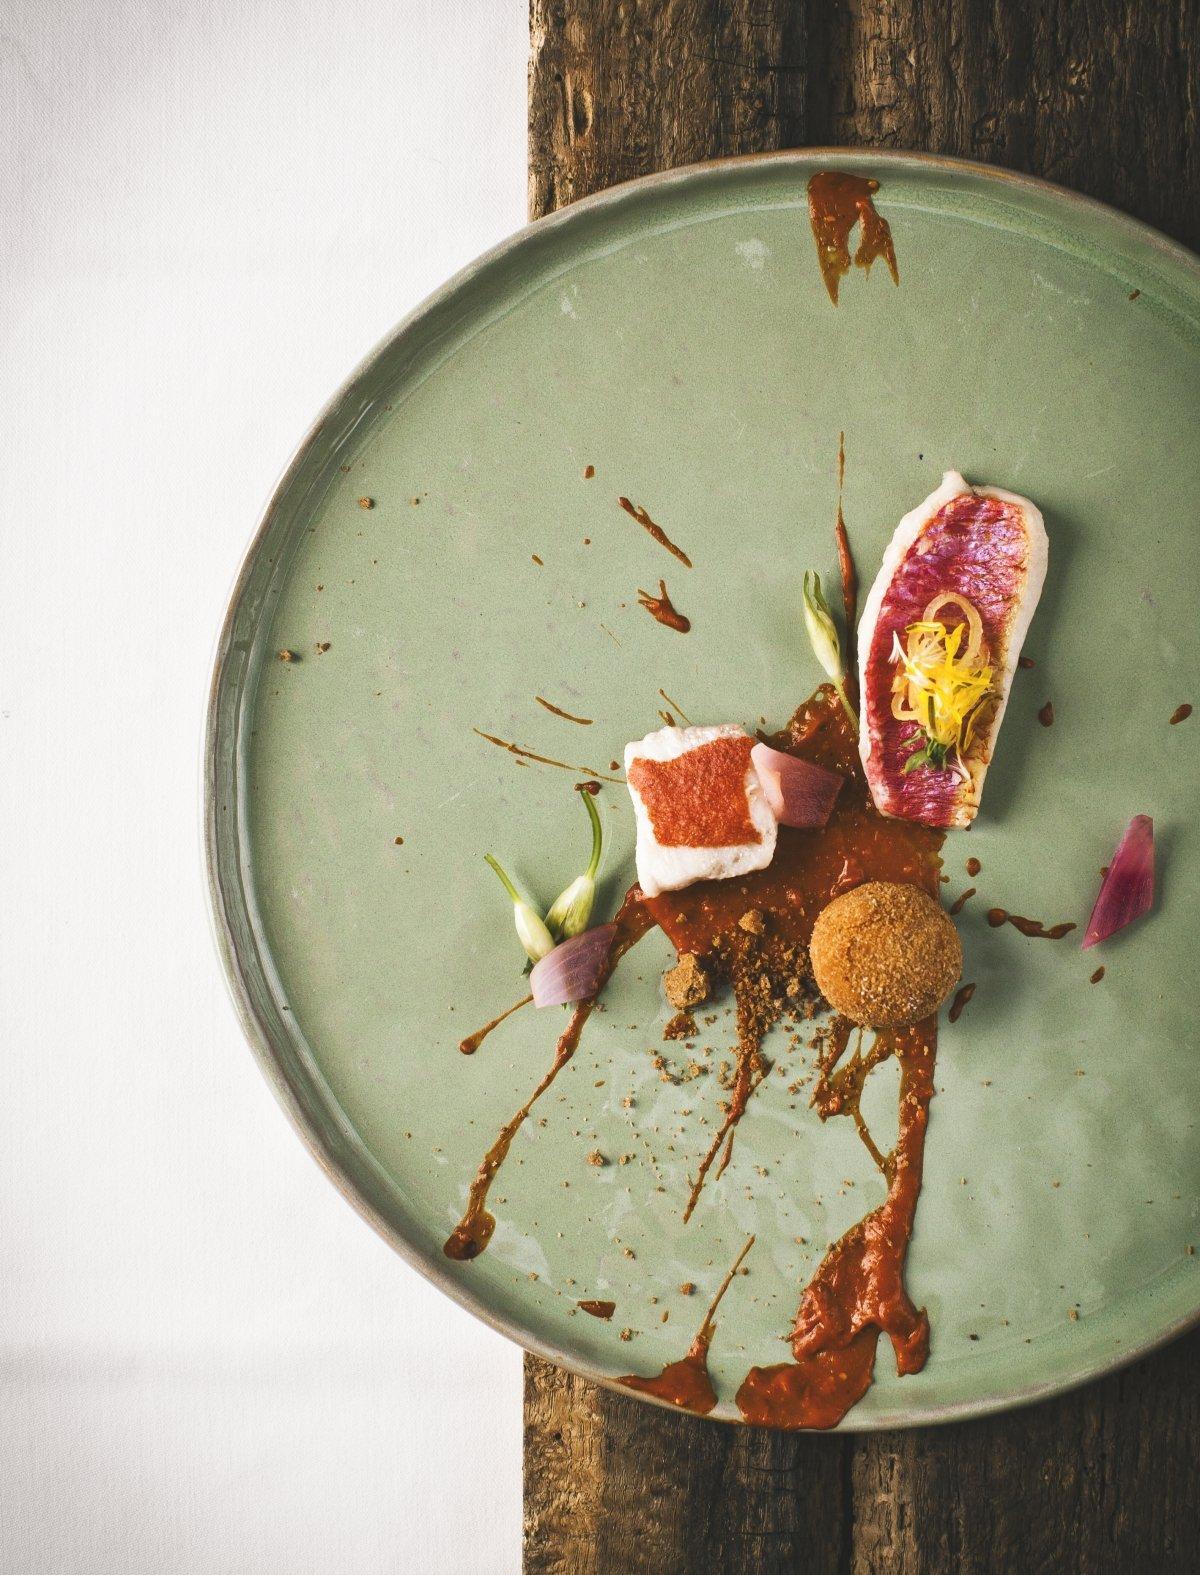 Espectacular presentación de uno de los platos del restaurante Hisa Franko